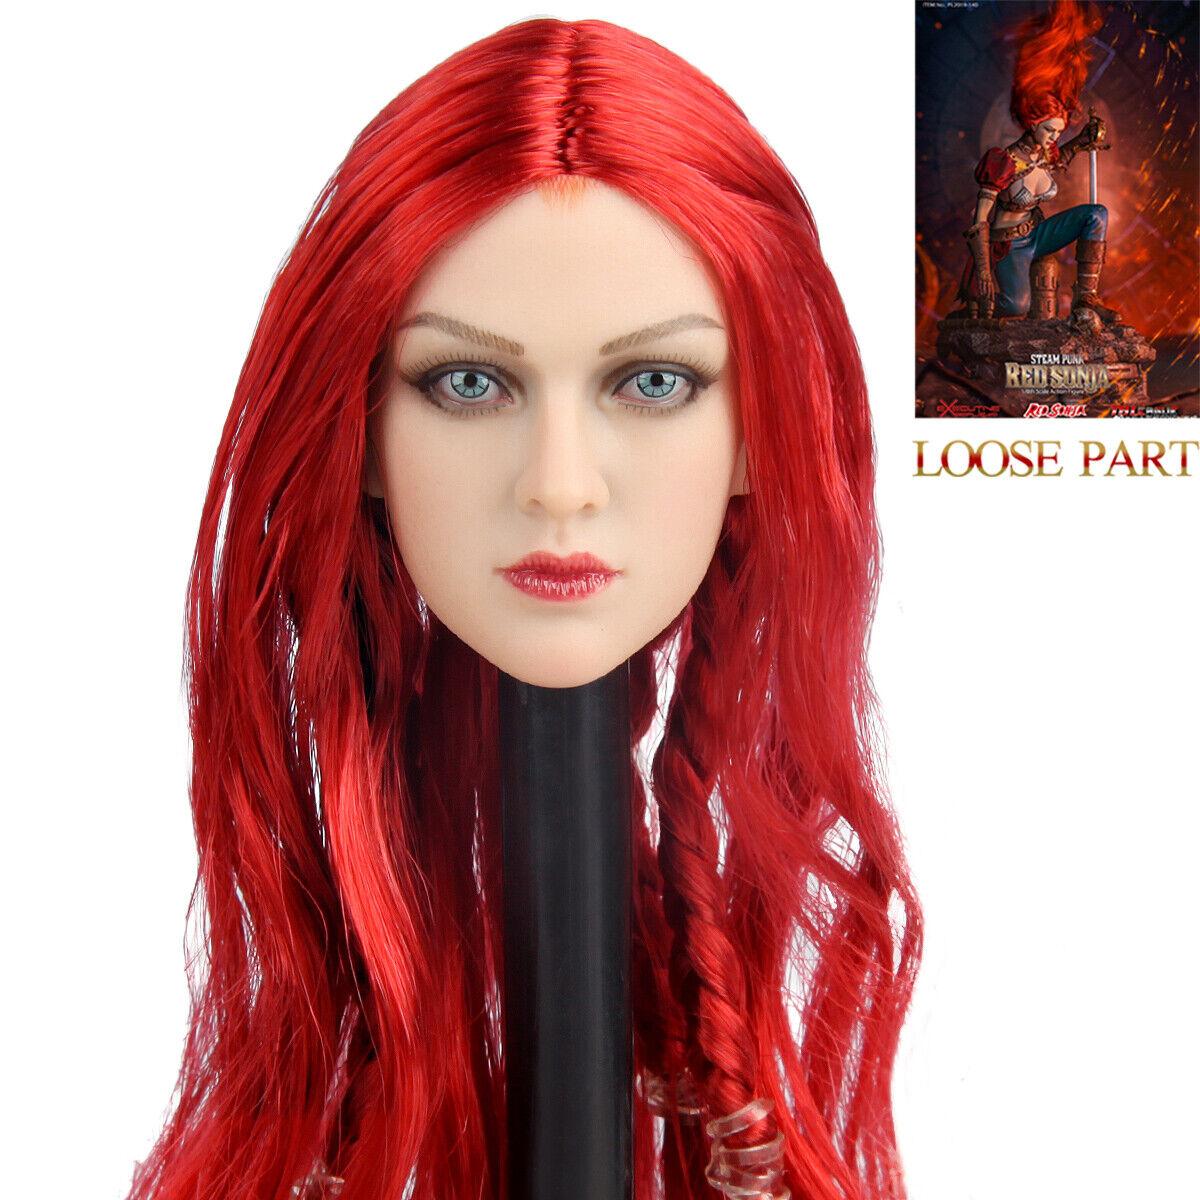 Tbleague PL2019-140 1 6 escala Vapor Punk rojo Sonja 12  Acción Figura Escultura de cabeza